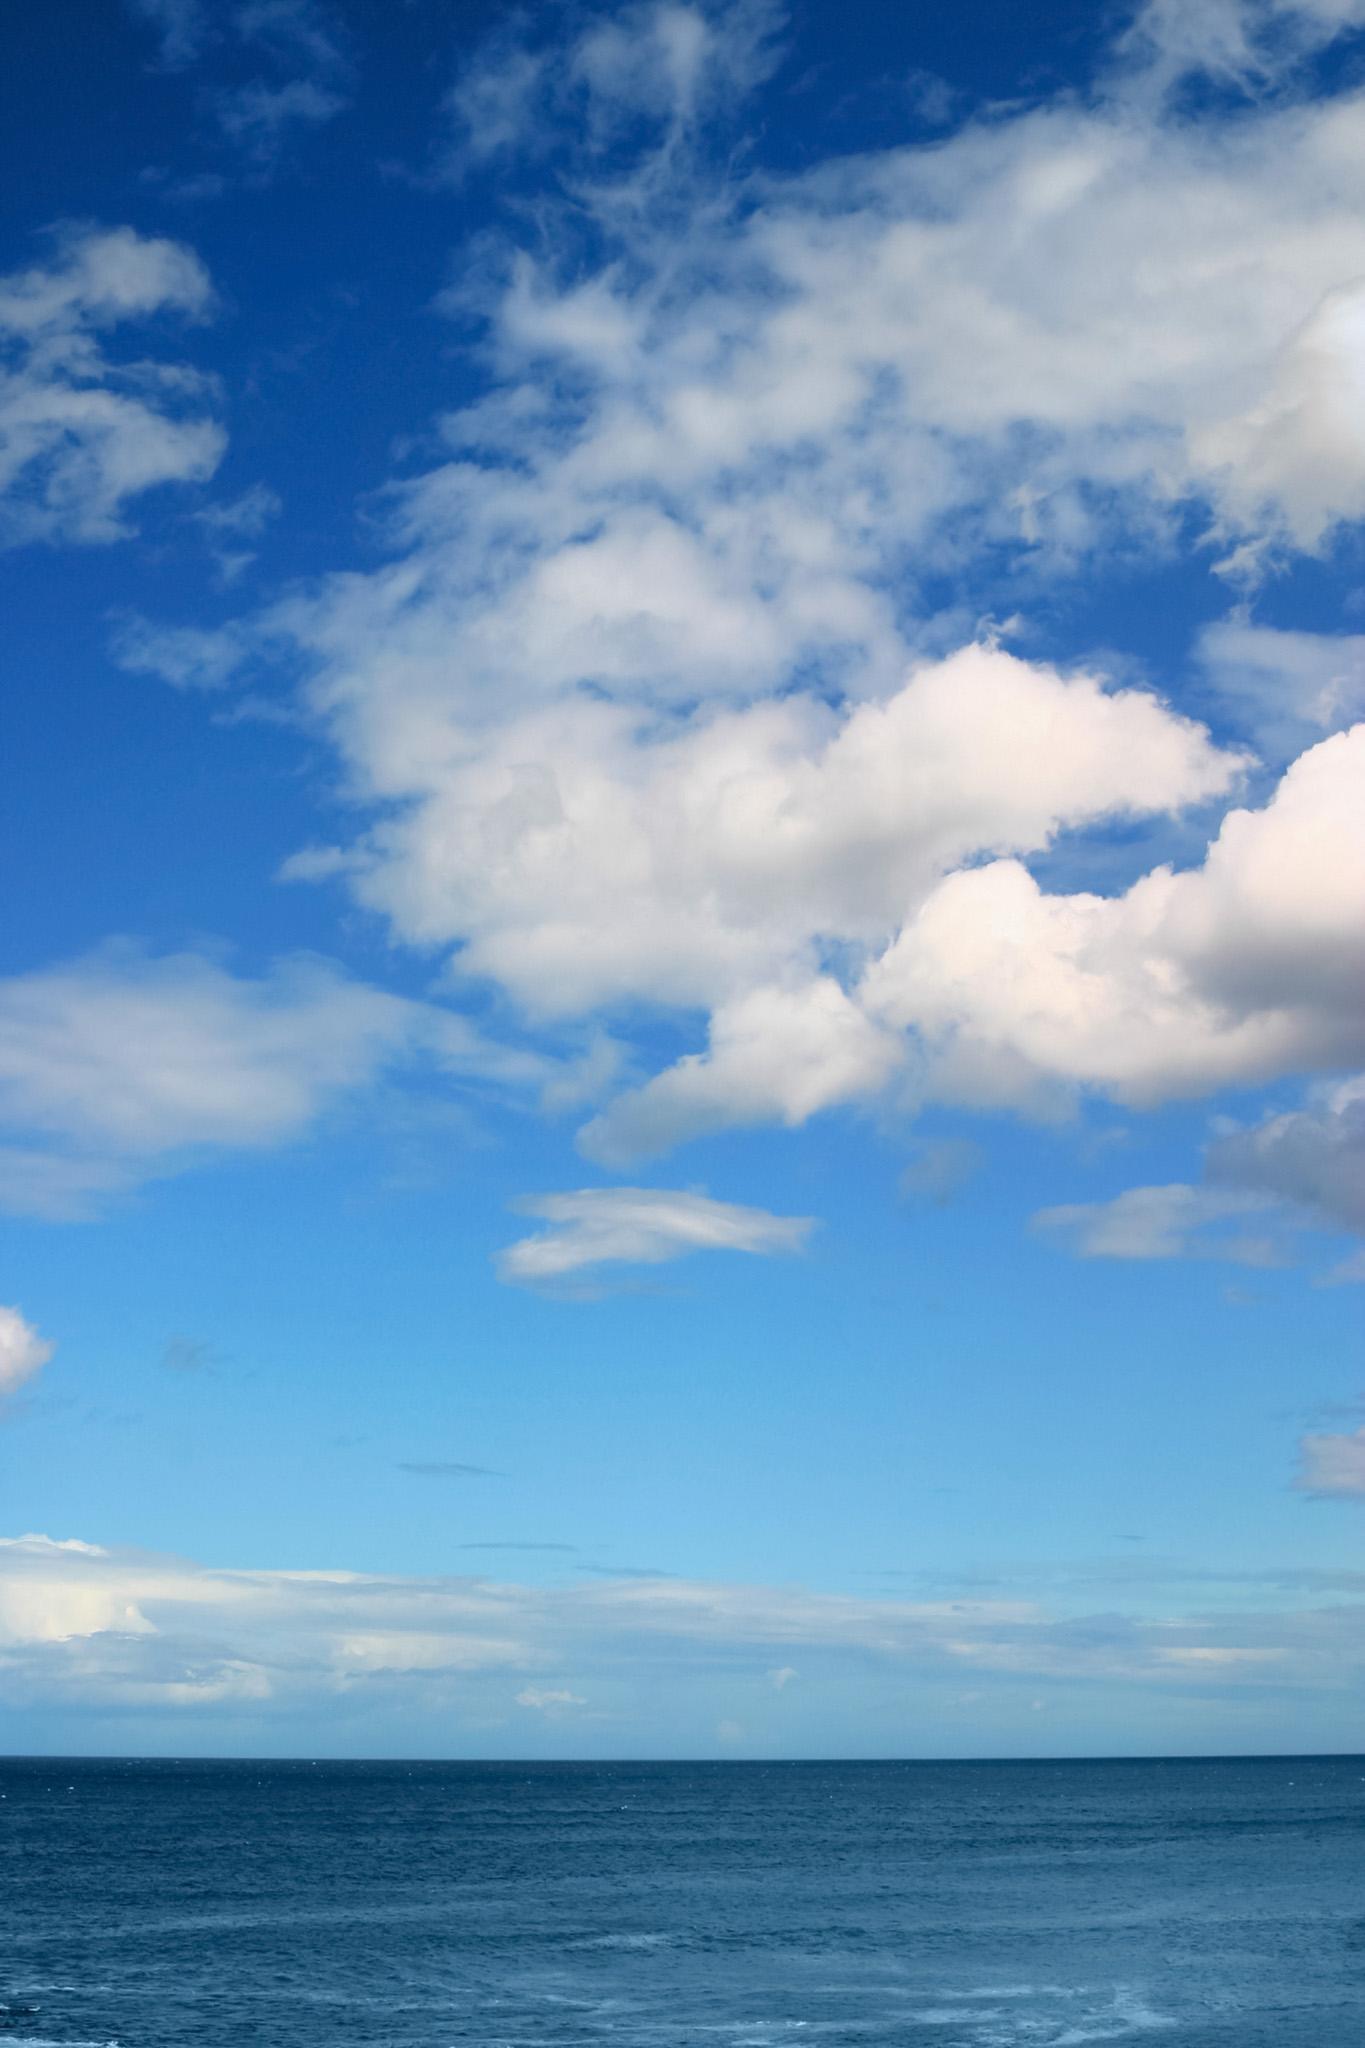 「ディープブルーの海と雲」